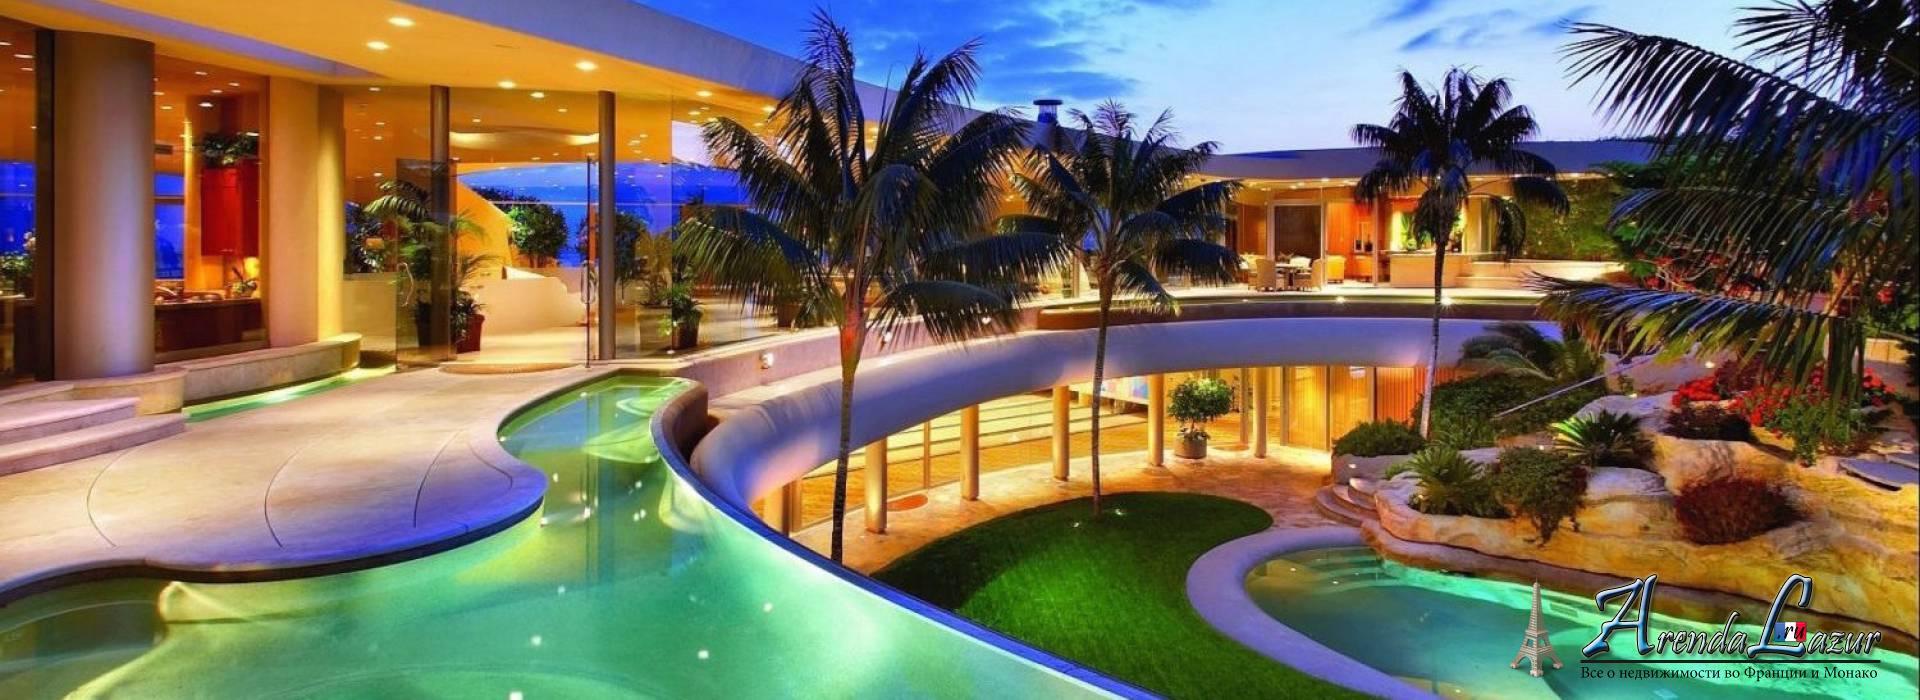 Продажа недвижимости на Кипре, апартаменты, виллы, бизнес